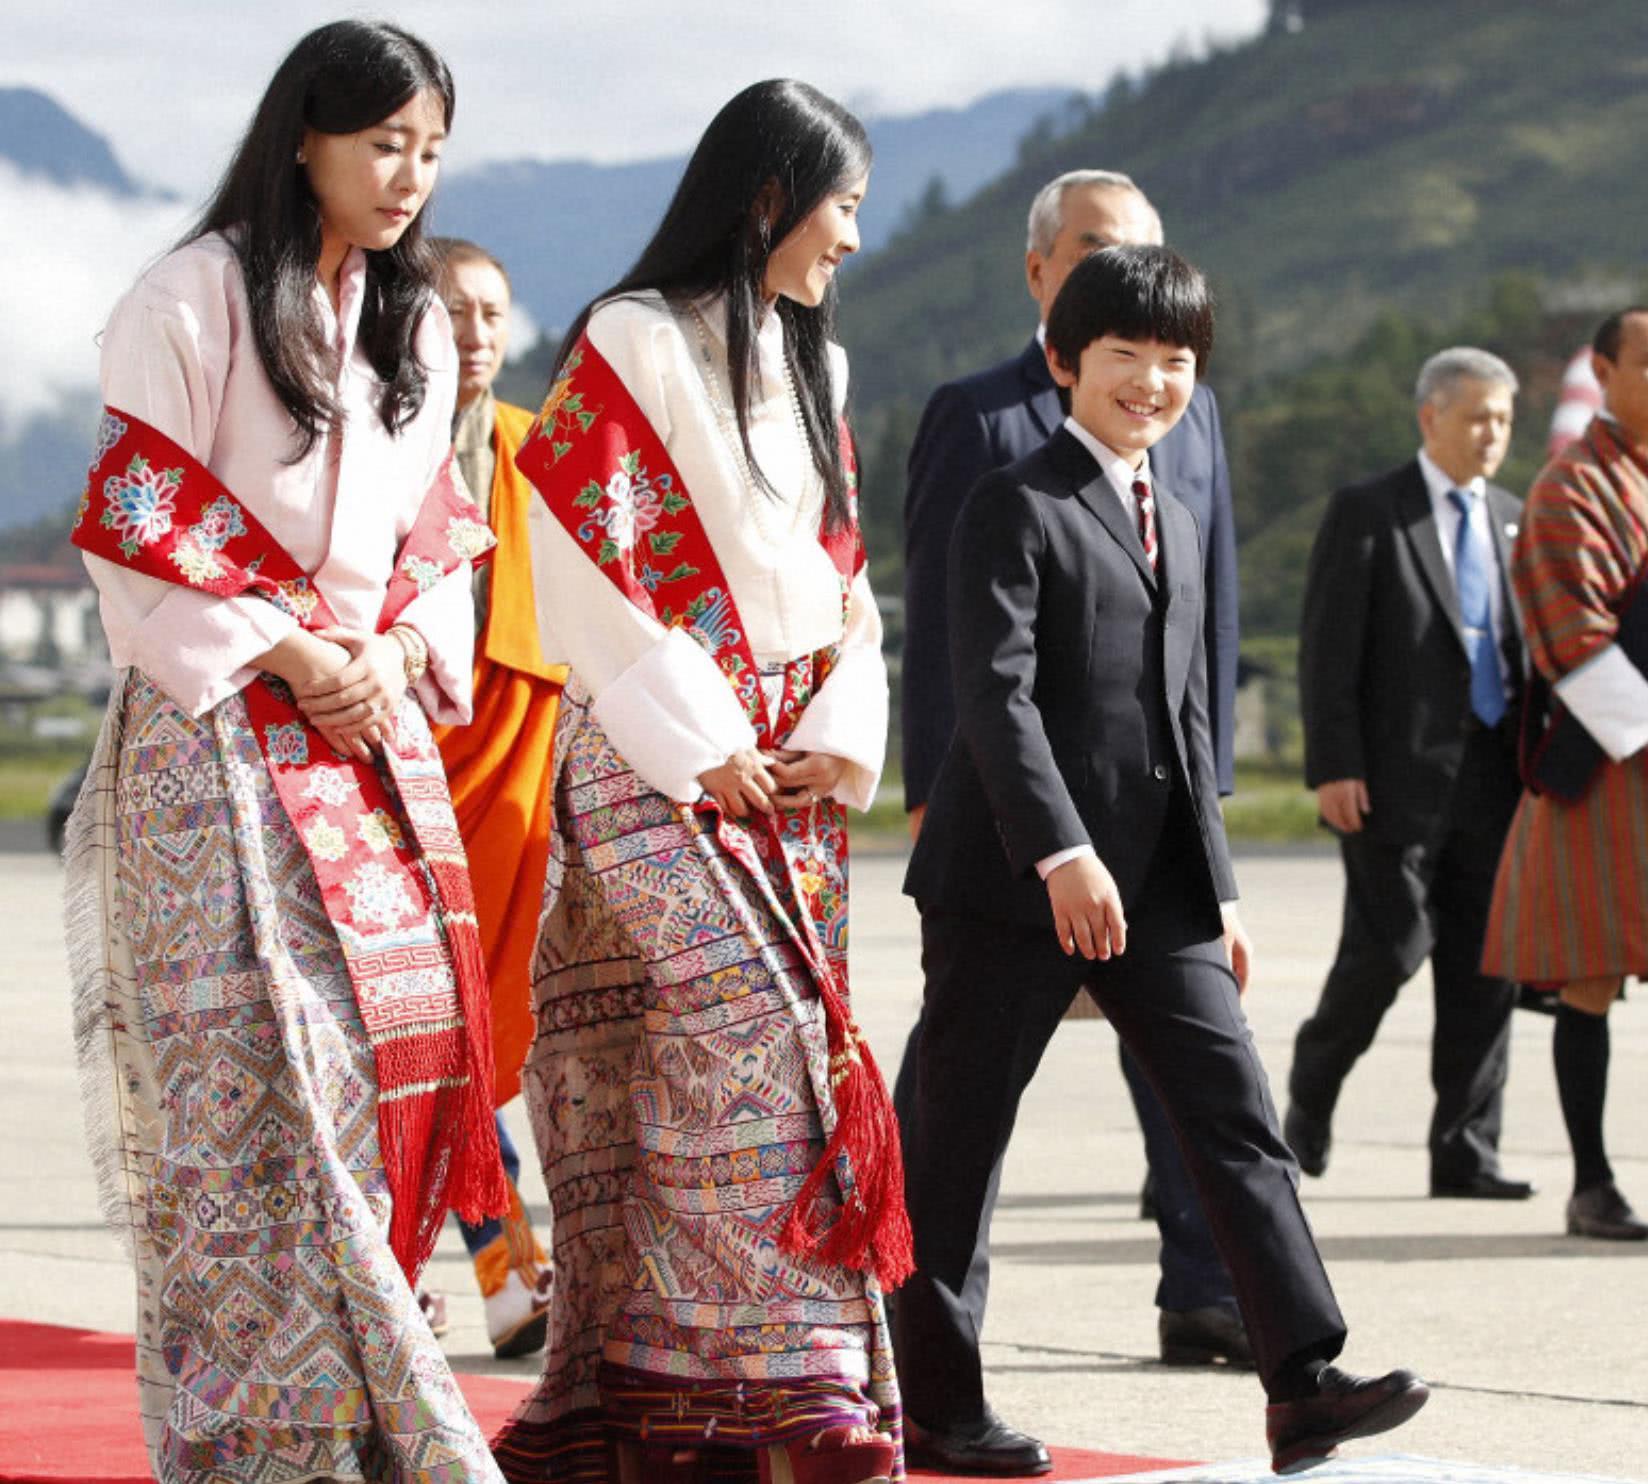 日本史上首次有两位王位继承人一同出国,为防意外搭乘不同飞机